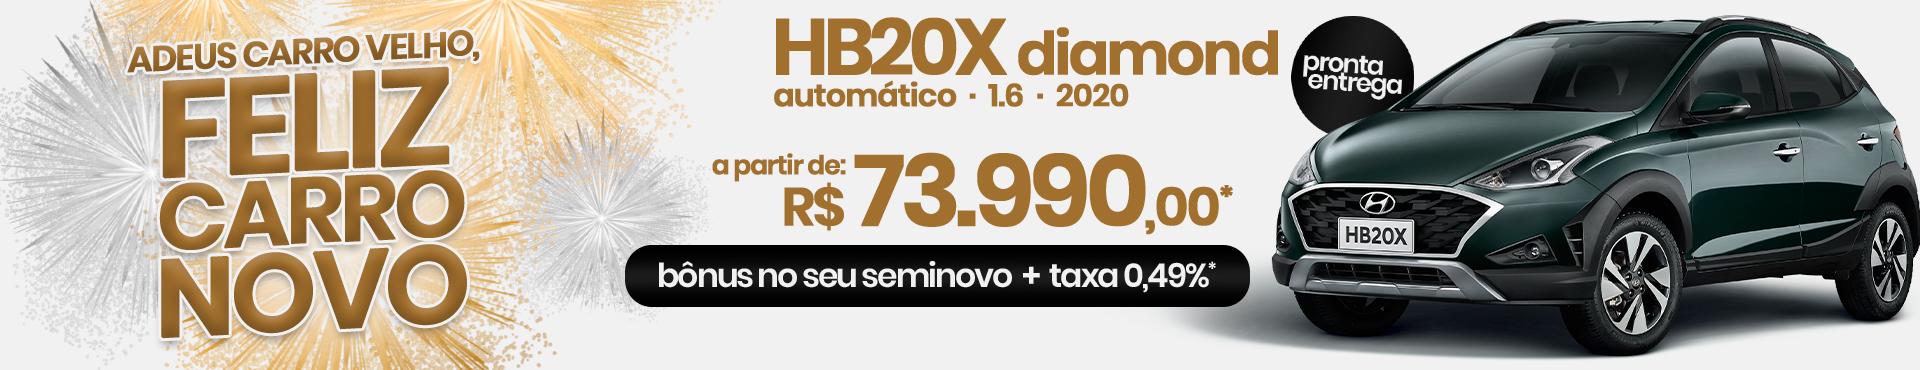 HB20x Diamond